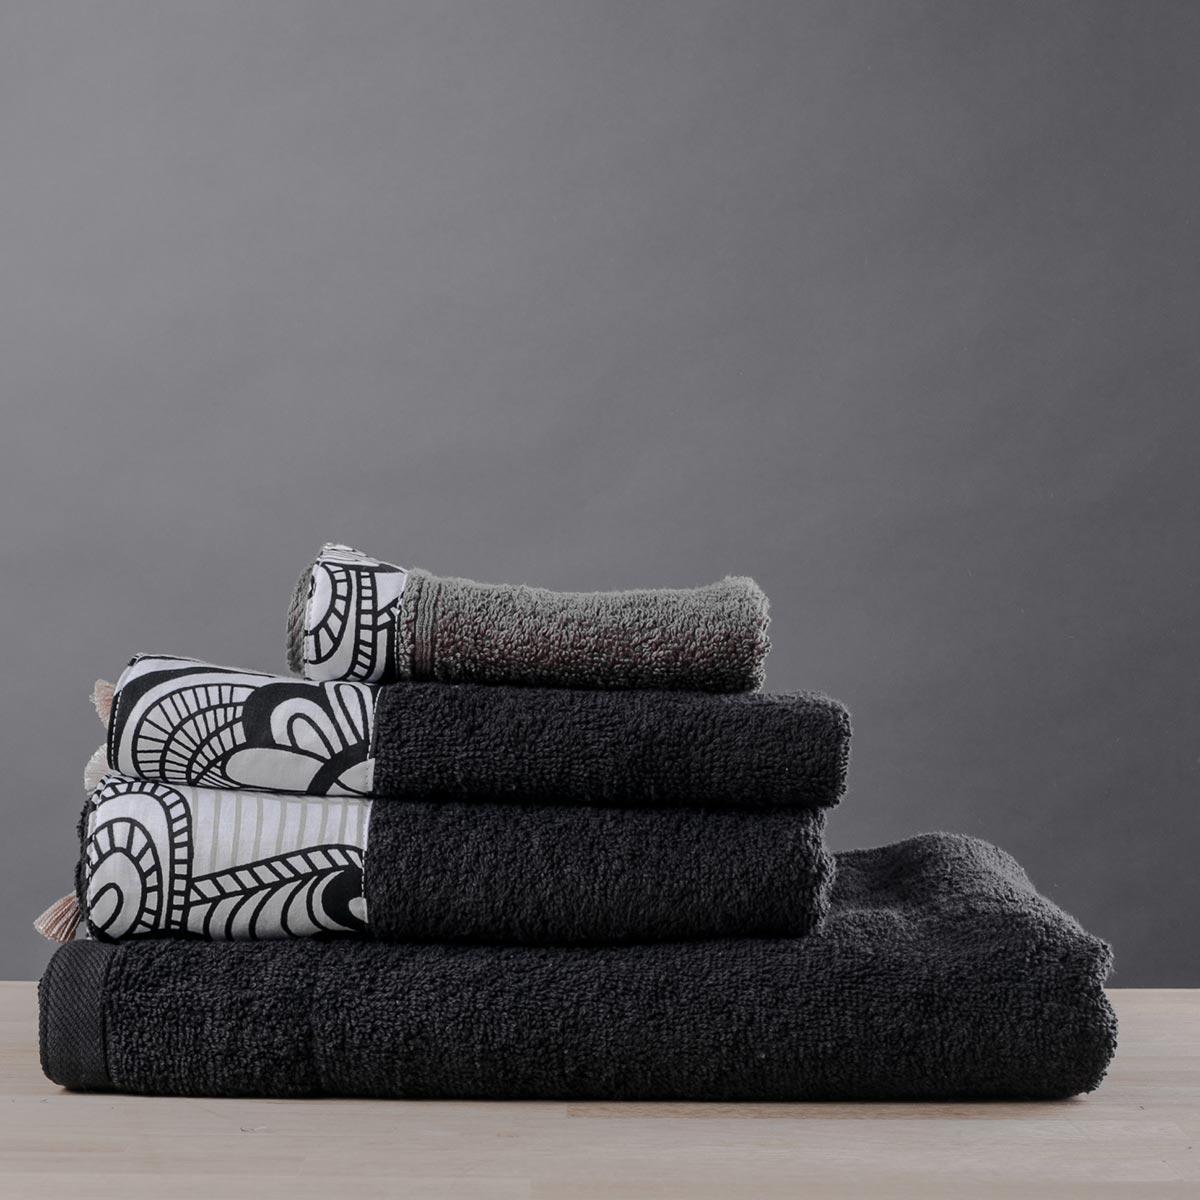 Πετσέτες Μπάνιου (Σετ 3τμχ) White Fabric Damask Black